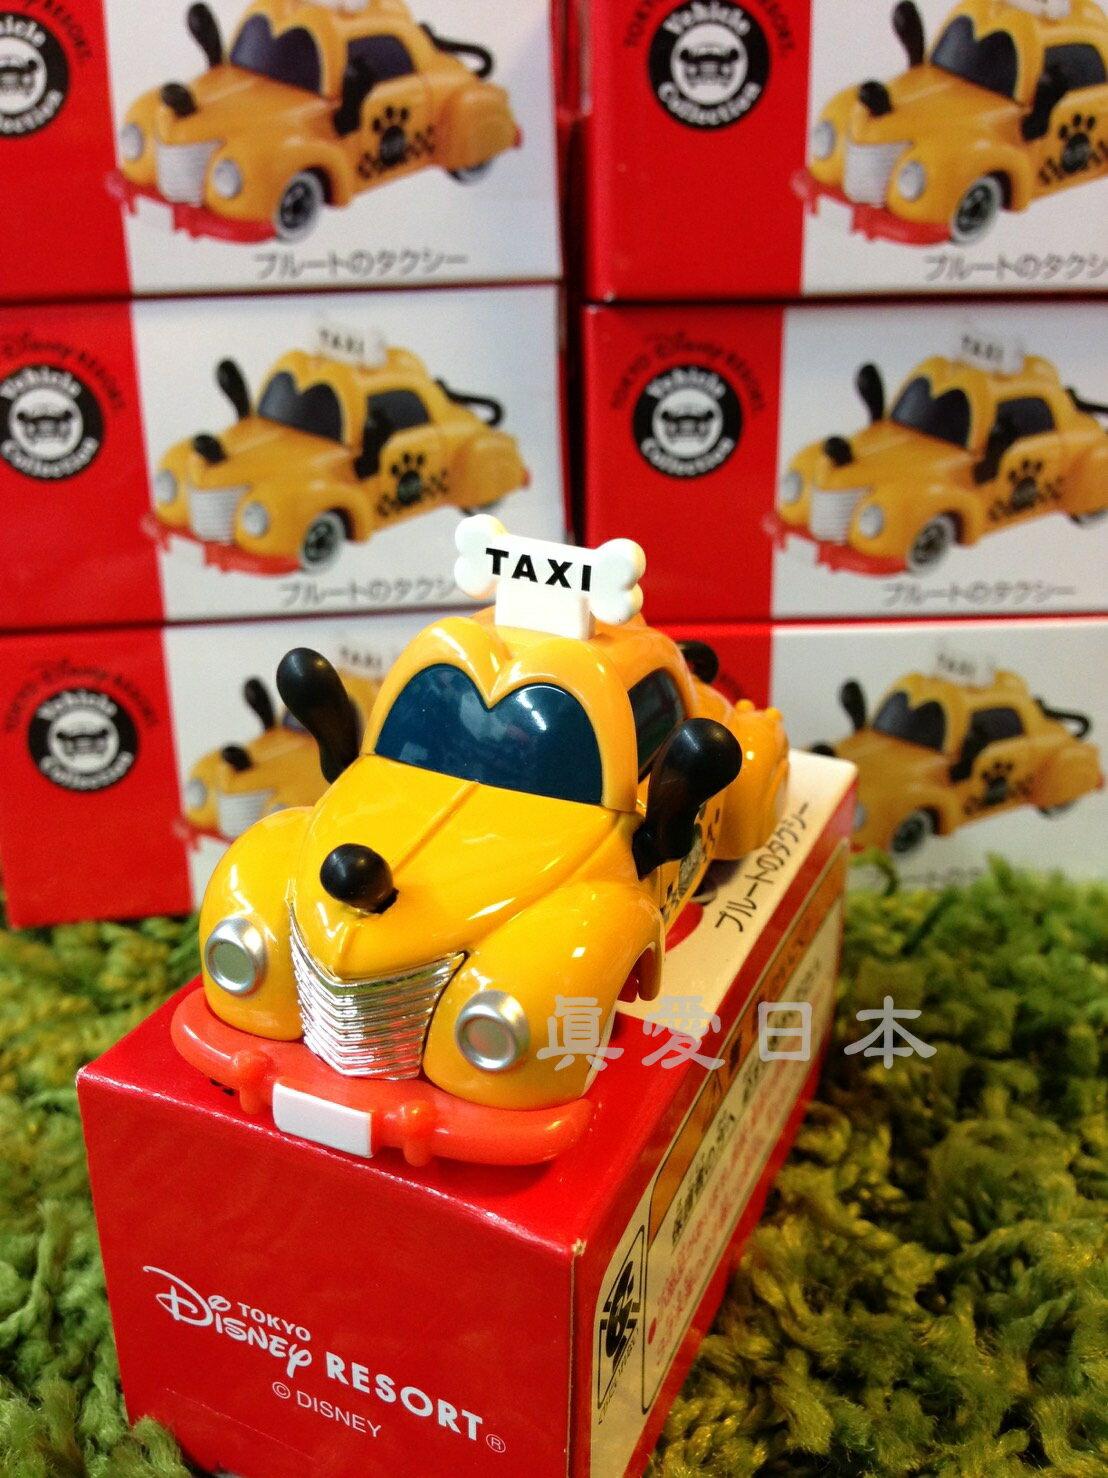 【真愛日本】16041600017限定樂園小車-布魯托TAXI  東京海洋迪士尼 迪士尼樂園 日本帶回